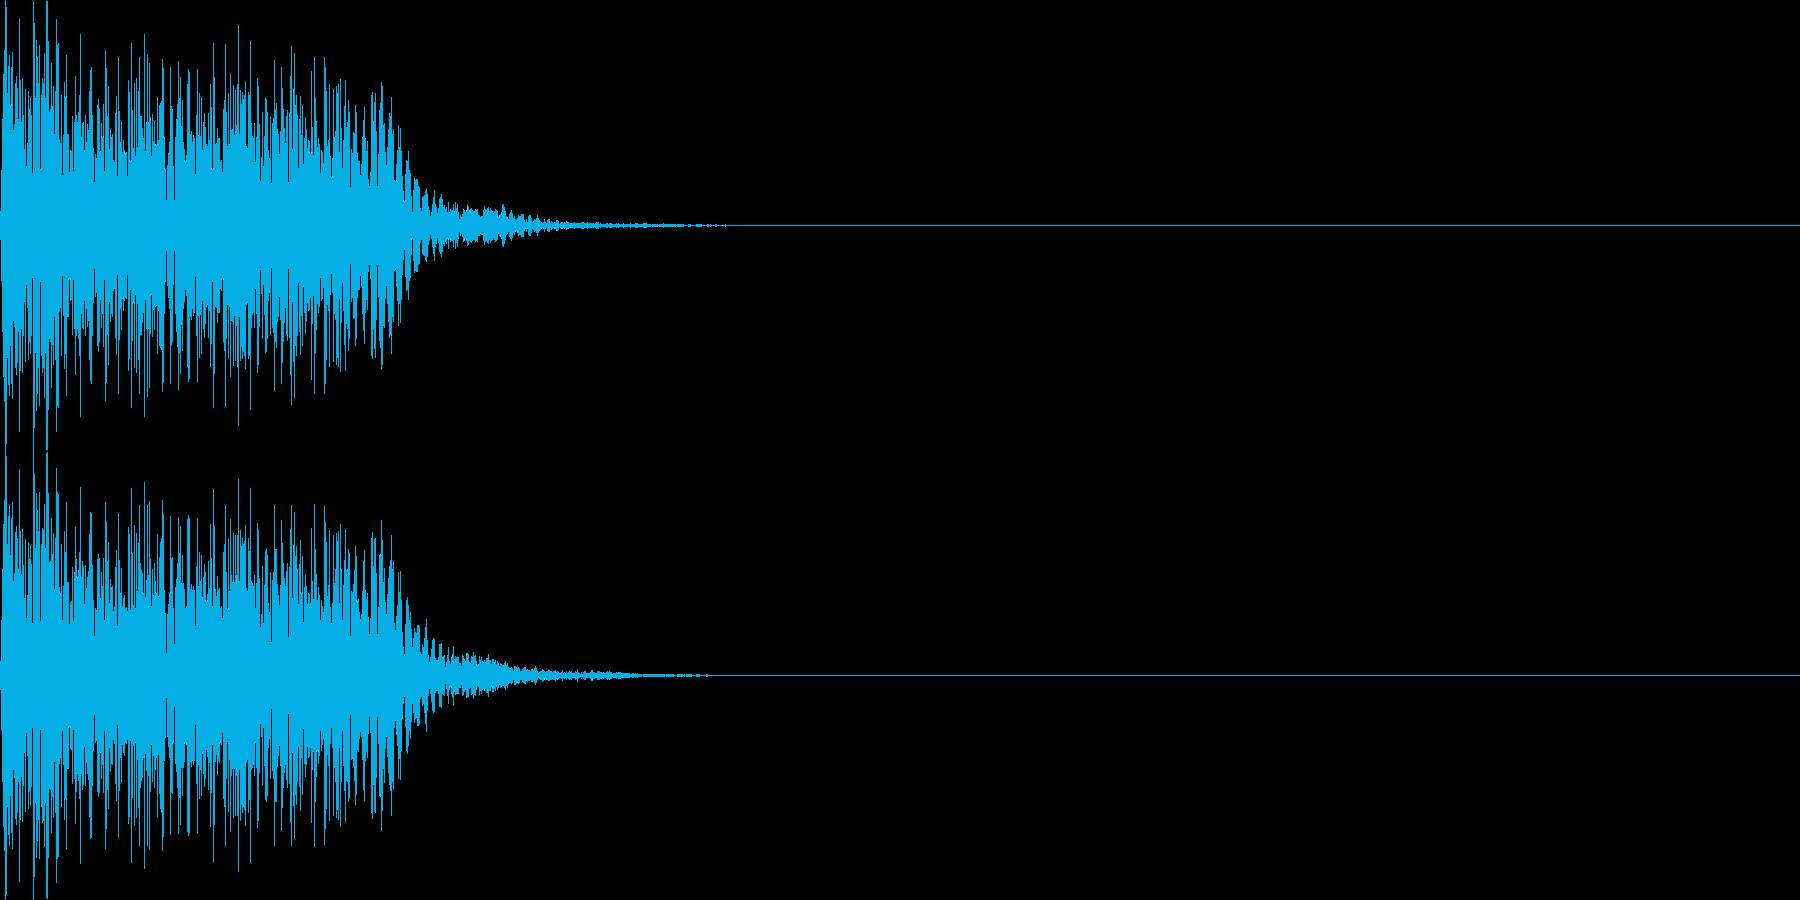 呪文01の再生済みの波形